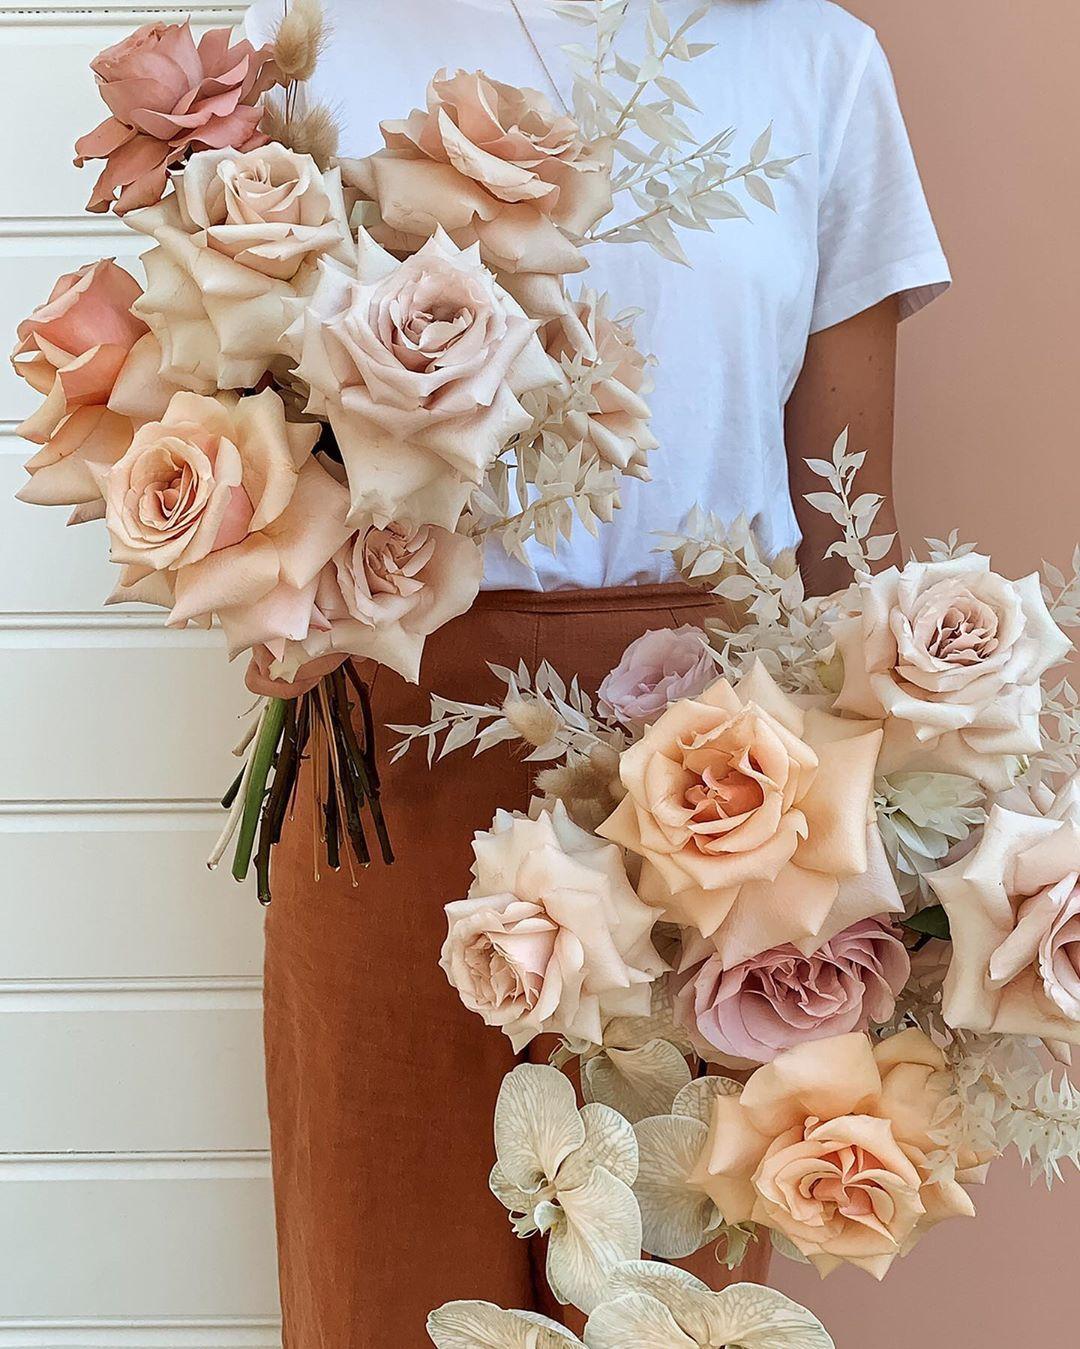 Wilderness Flowers On Instagram In 2020 Wedding Design Decoration Rose Wedding Bouquet Floral Wedding